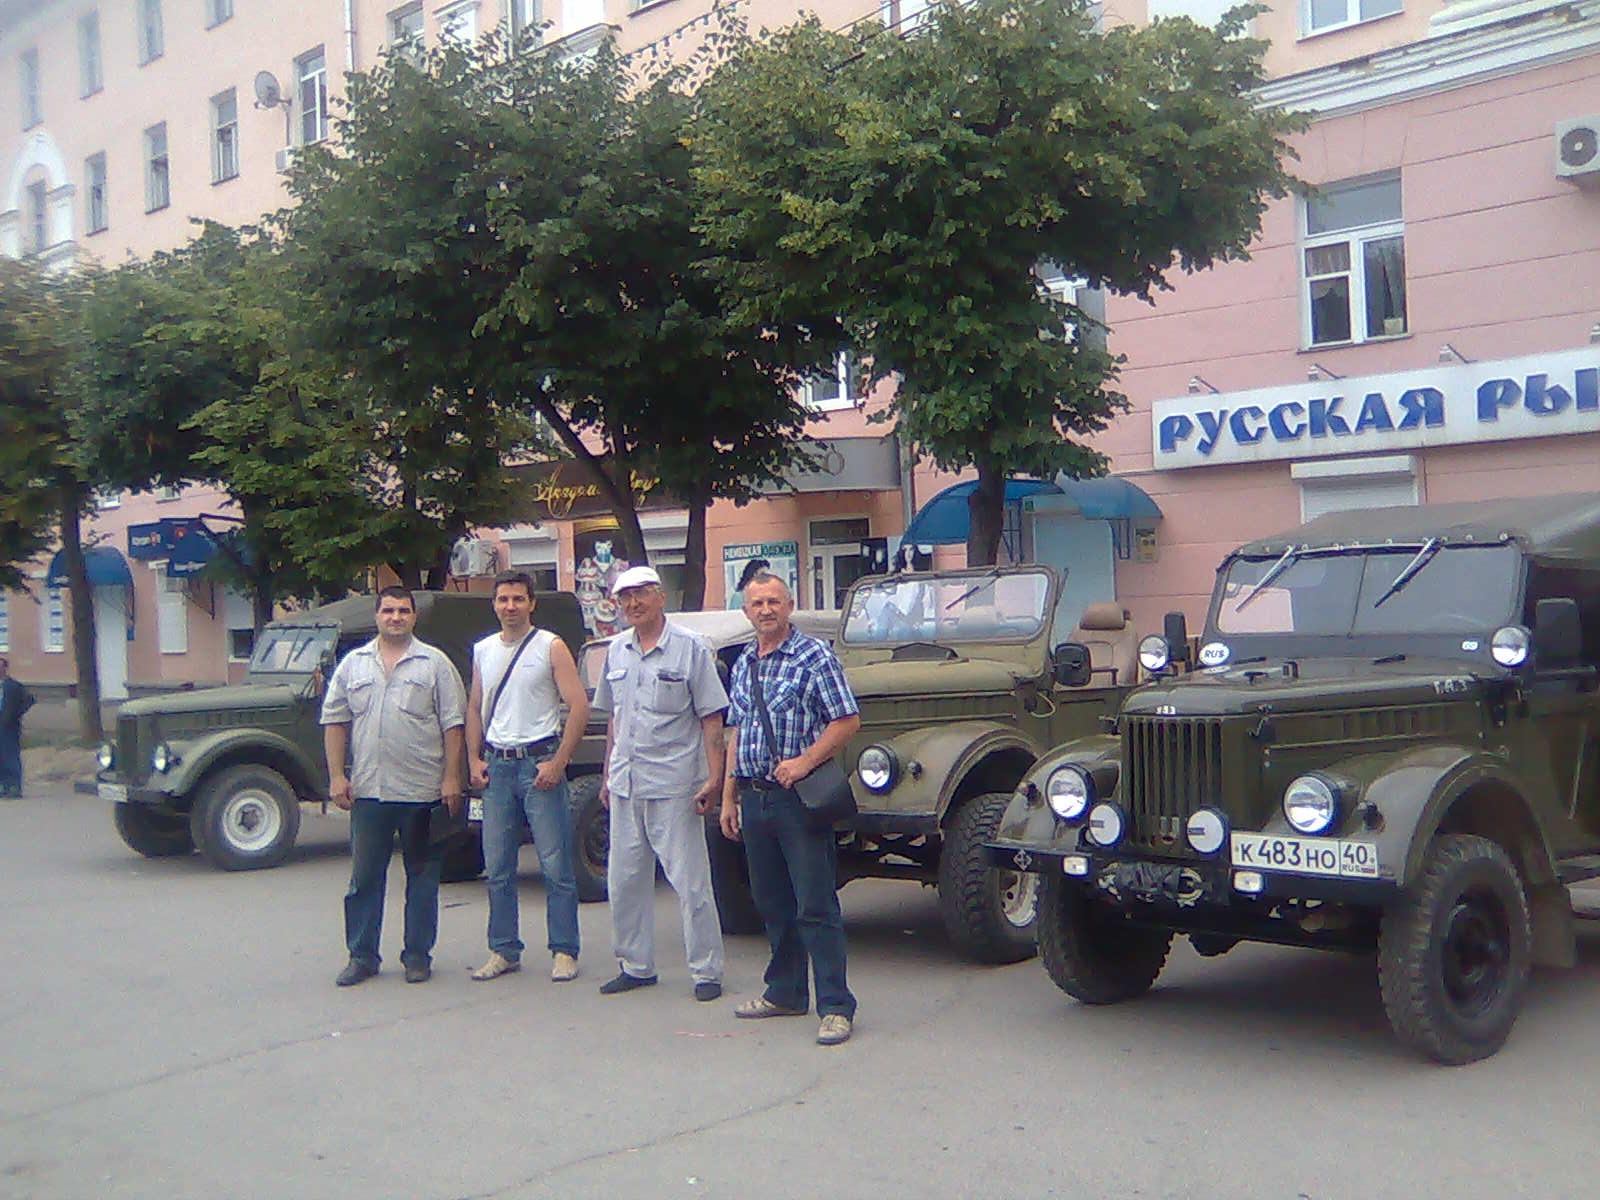 Встреча любителей ретро-техники в Калуге на день молодёжи 23 июня 2012г. (Площадь драматического театра)